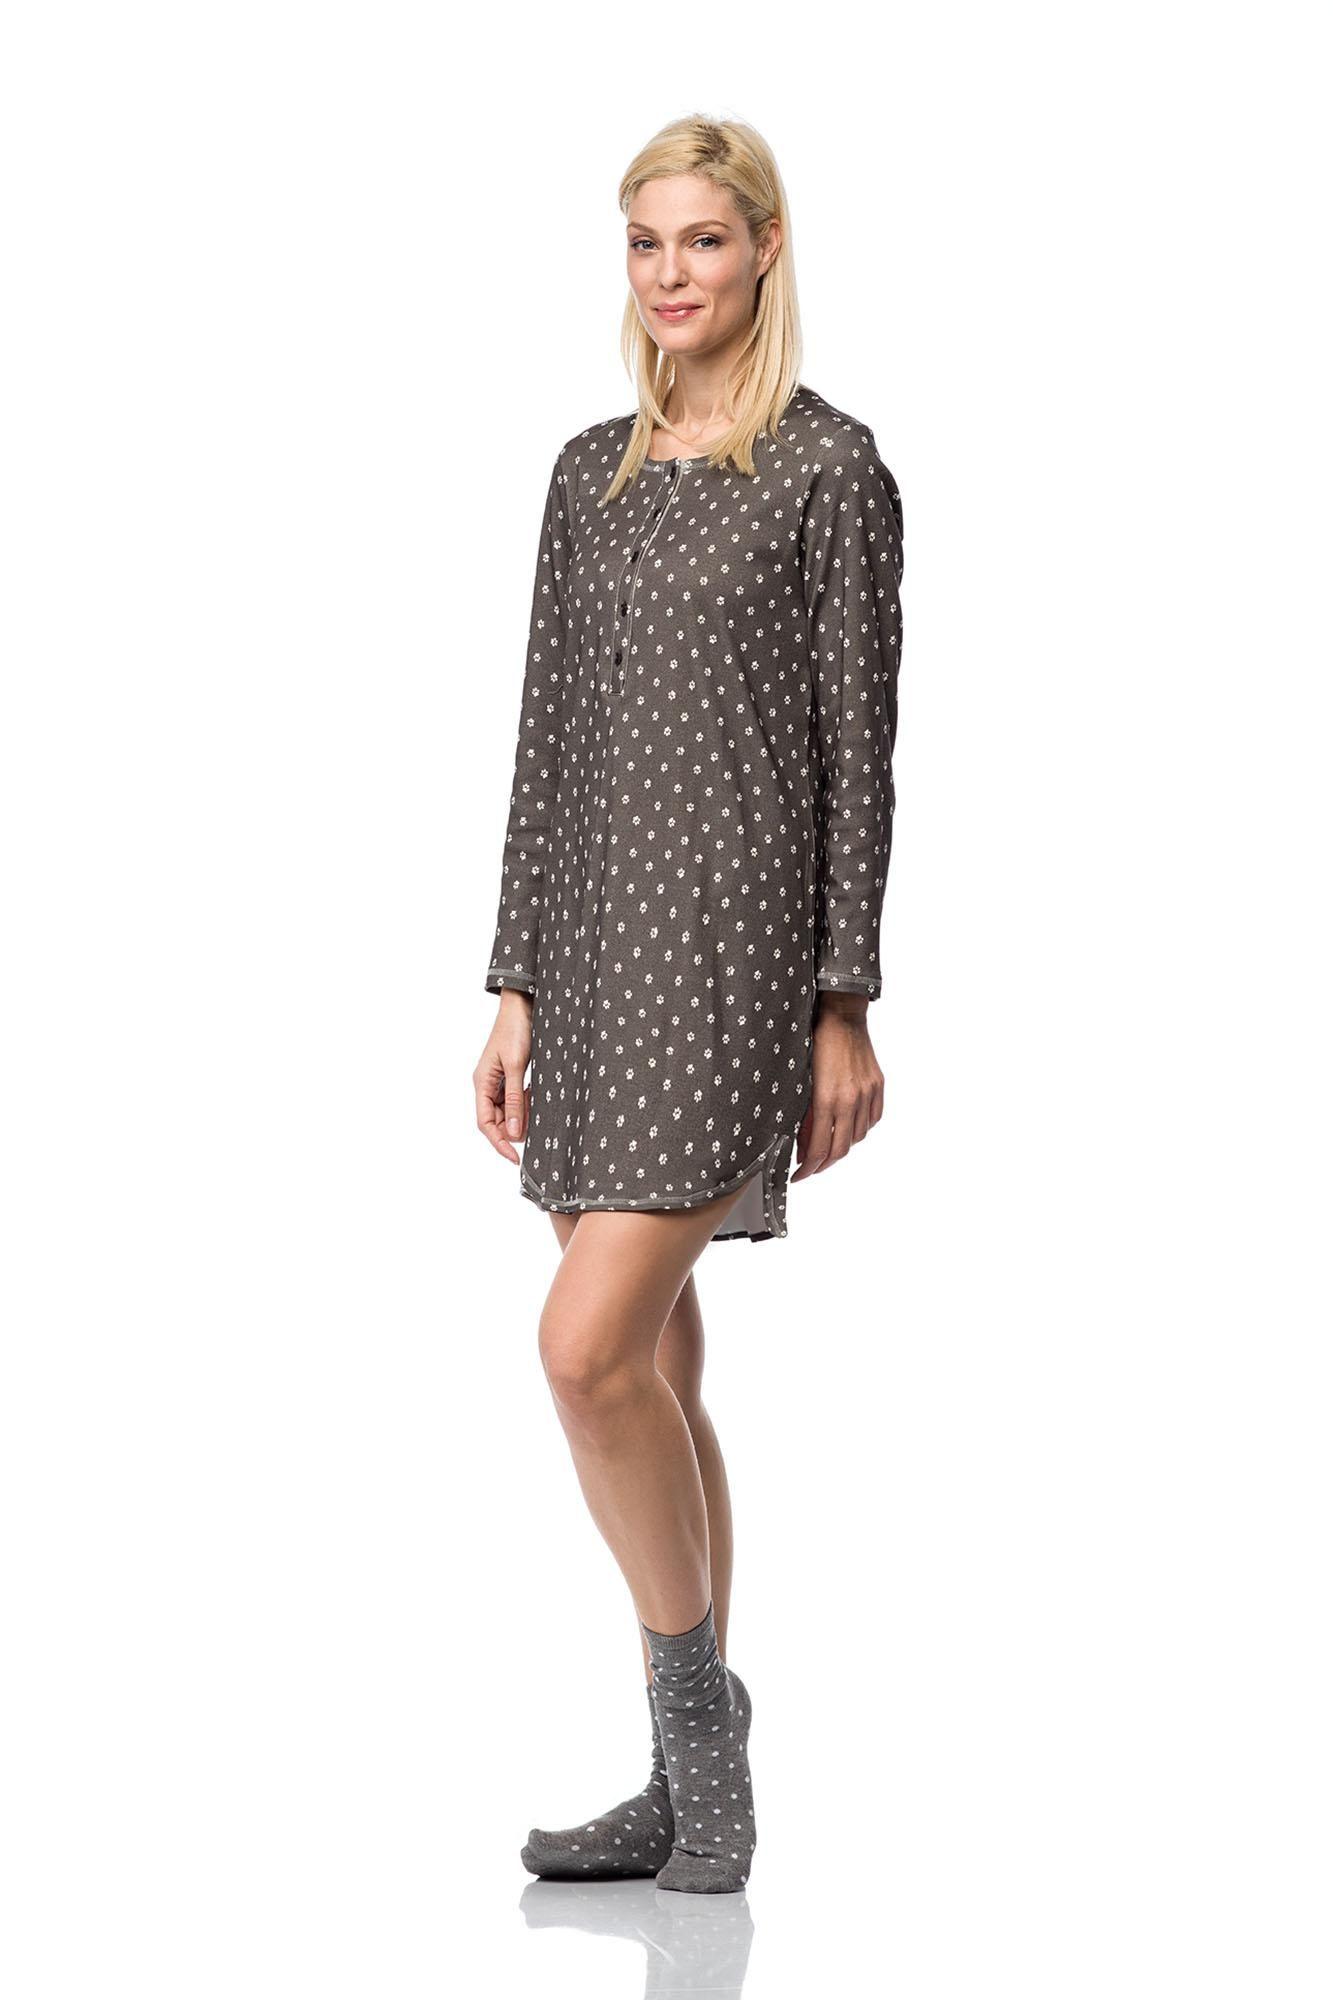 Women's Printed Nursing Nightgown